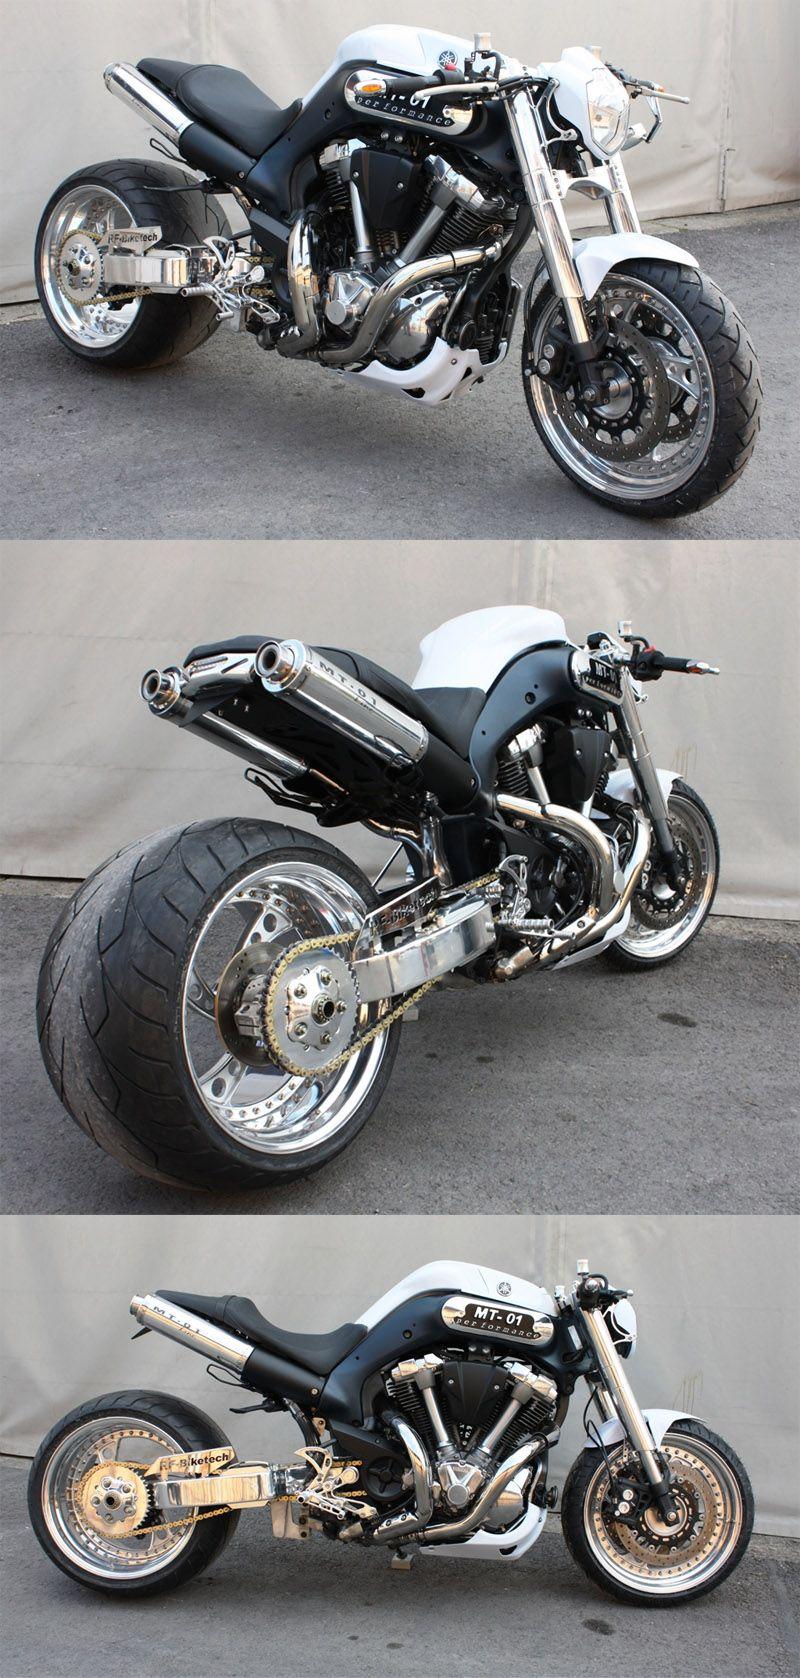 yamaha mt 01 motorcycle. Black Bedroom Furniture Sets. Home Design Ideas